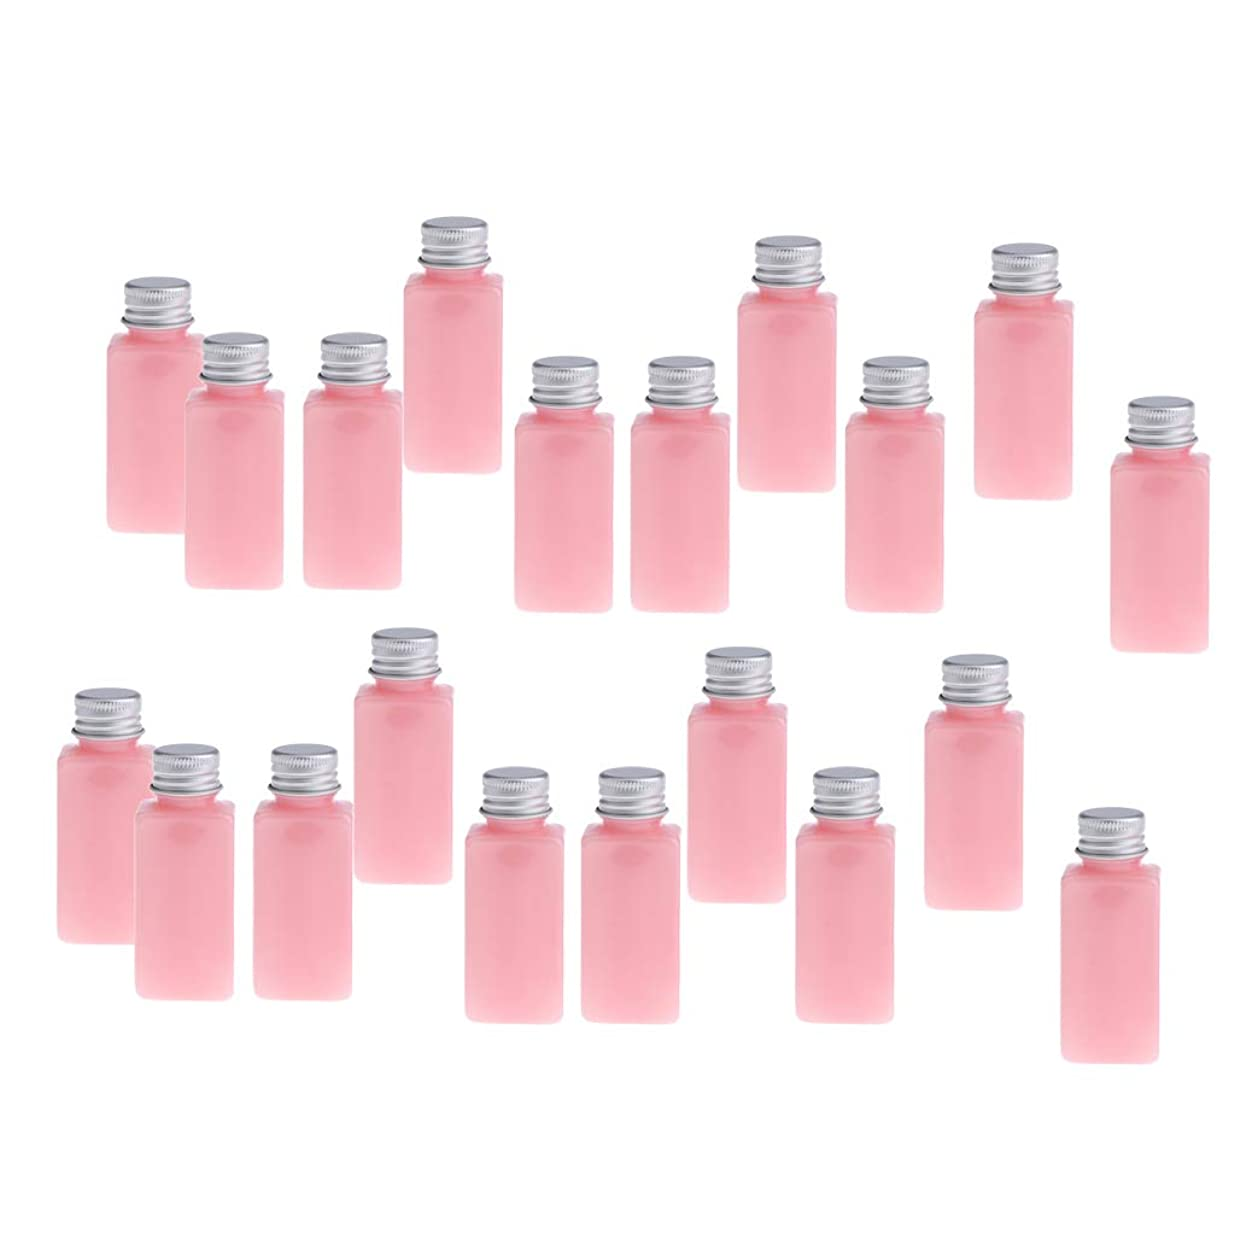 とにかくチェリー指令P Prettyia 約20本 化粧ボトル PETボトル コスメ 詰替え容器 旅行 便利 8色選べ - ピンクシルバー